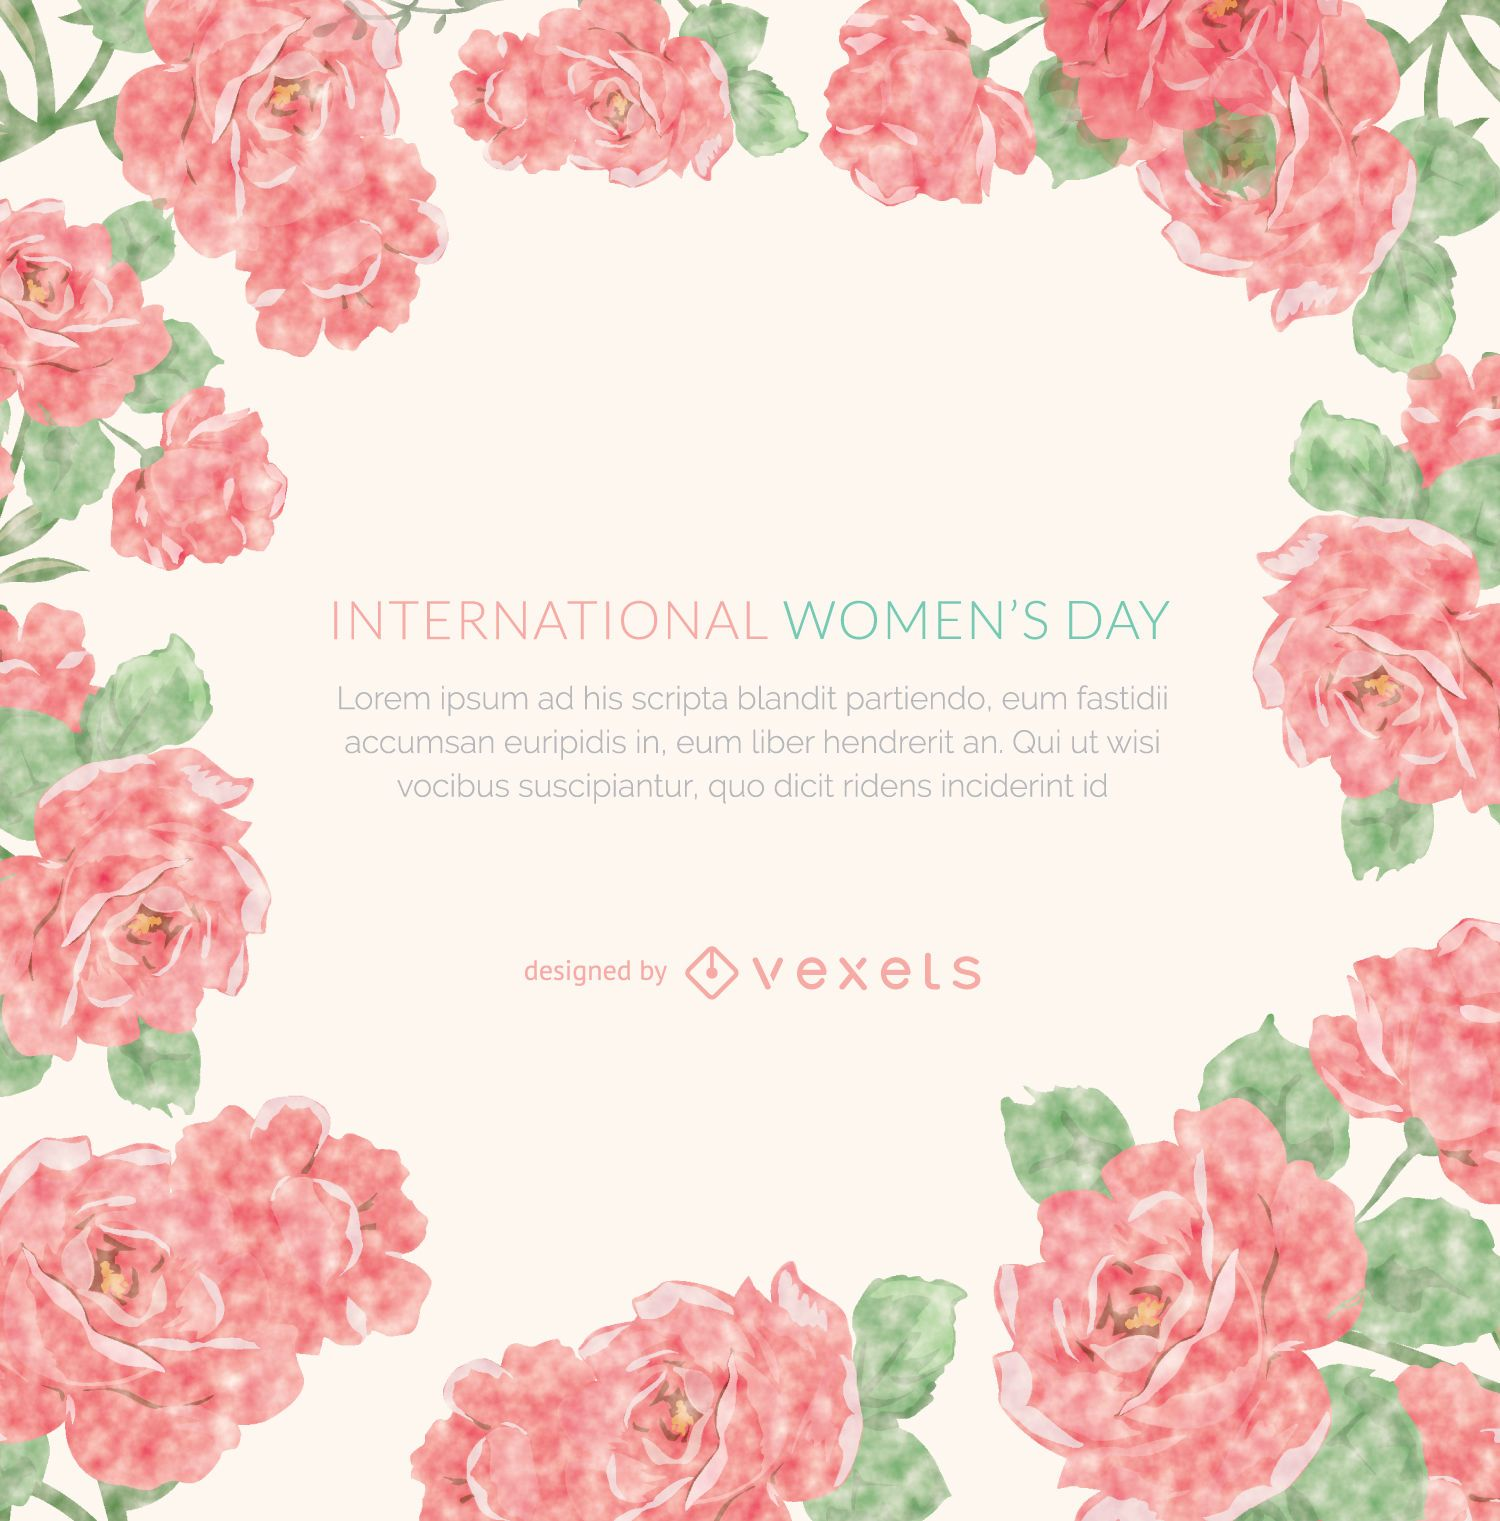 Quadro do Dia da Mulher